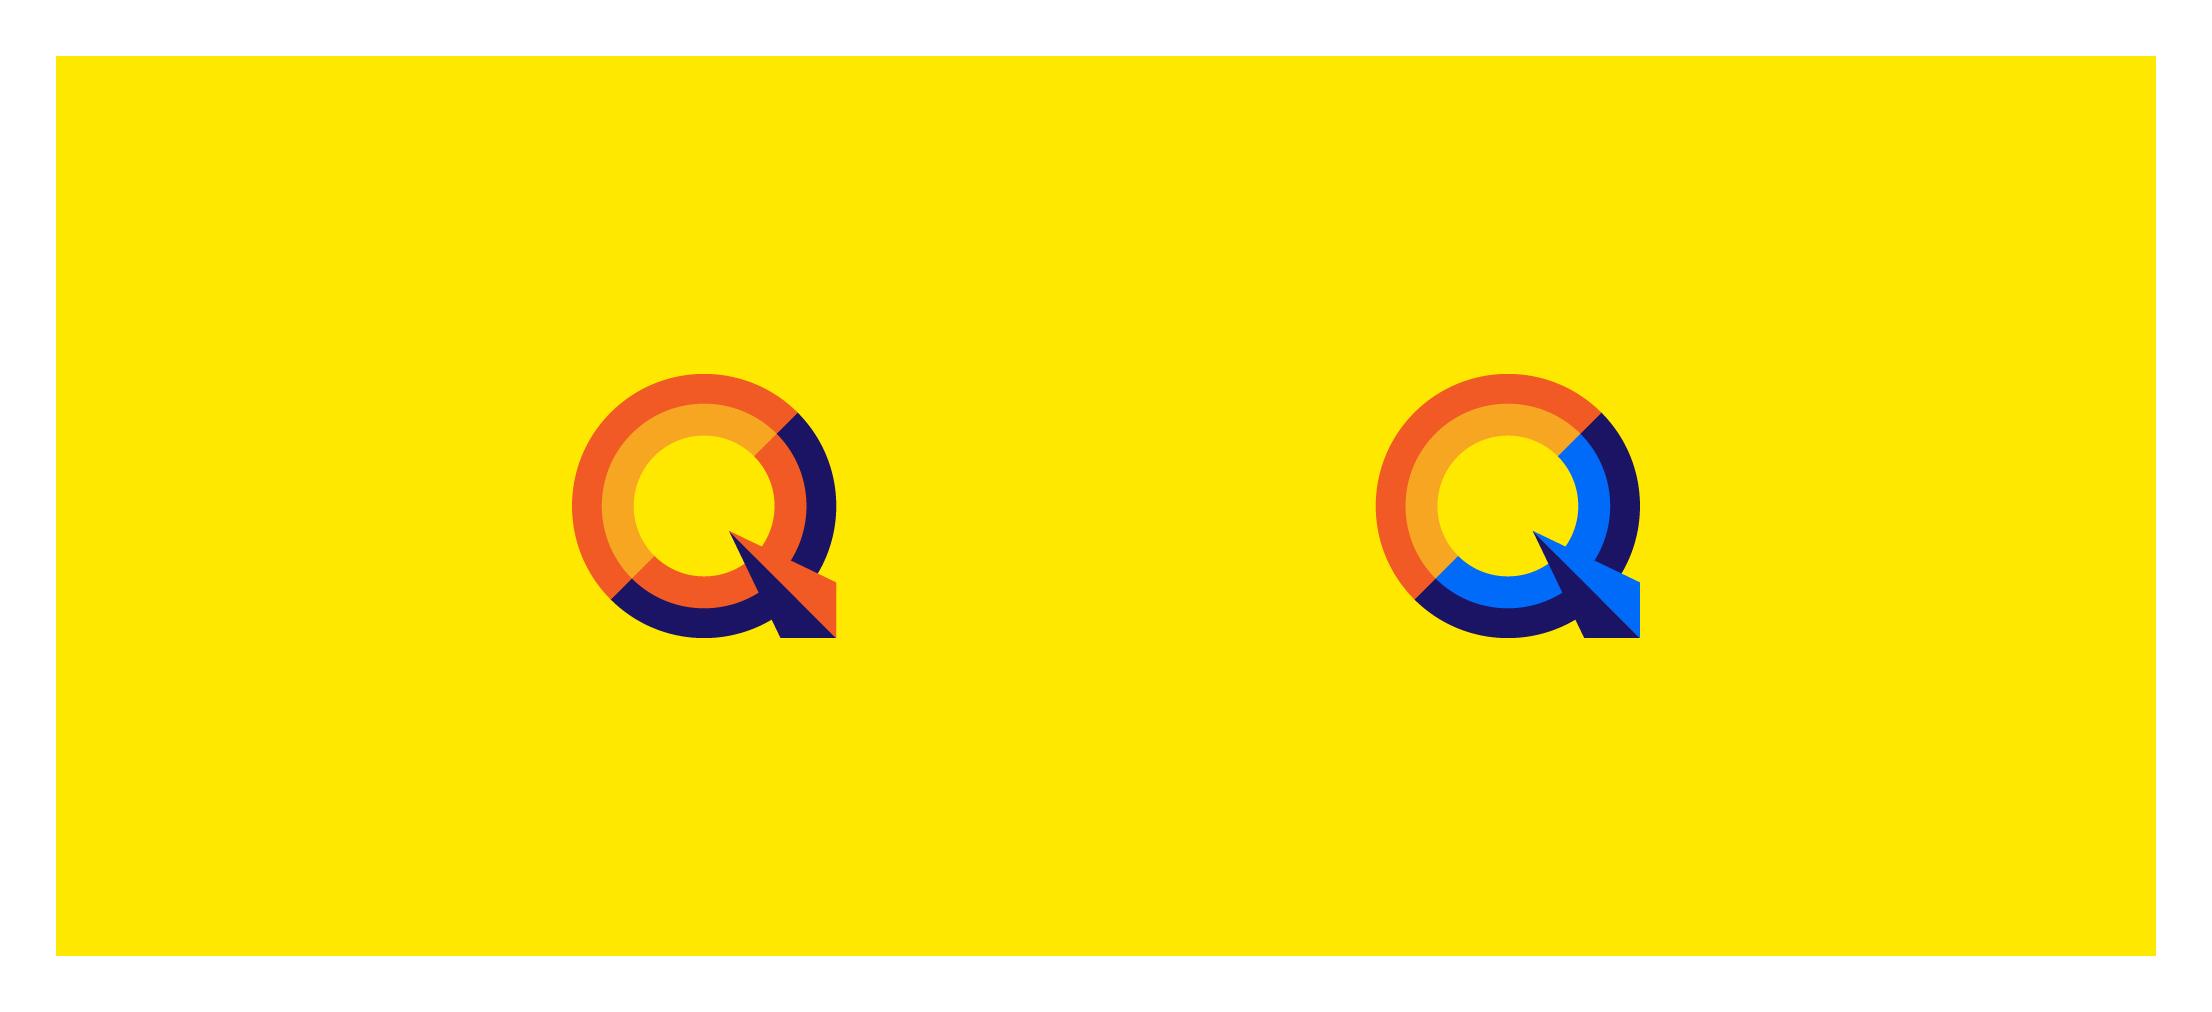 Разработать современный логотип фото f_2445df20d18d7715.jpg